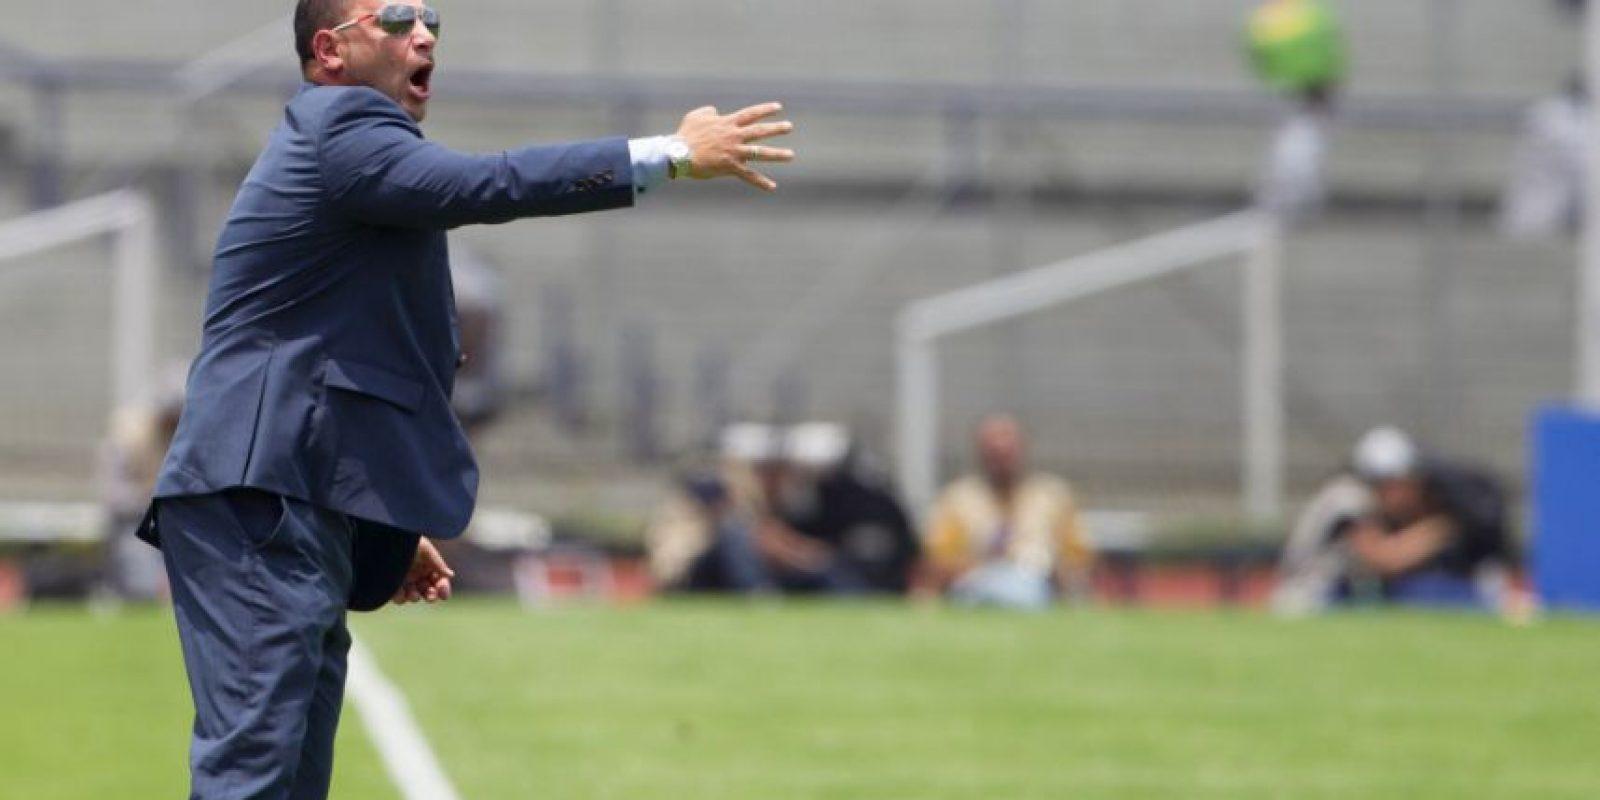 La peor goleada en contra para Antonio Mohamed, fue la de este fin de semana pasado. Foto:Mexsport